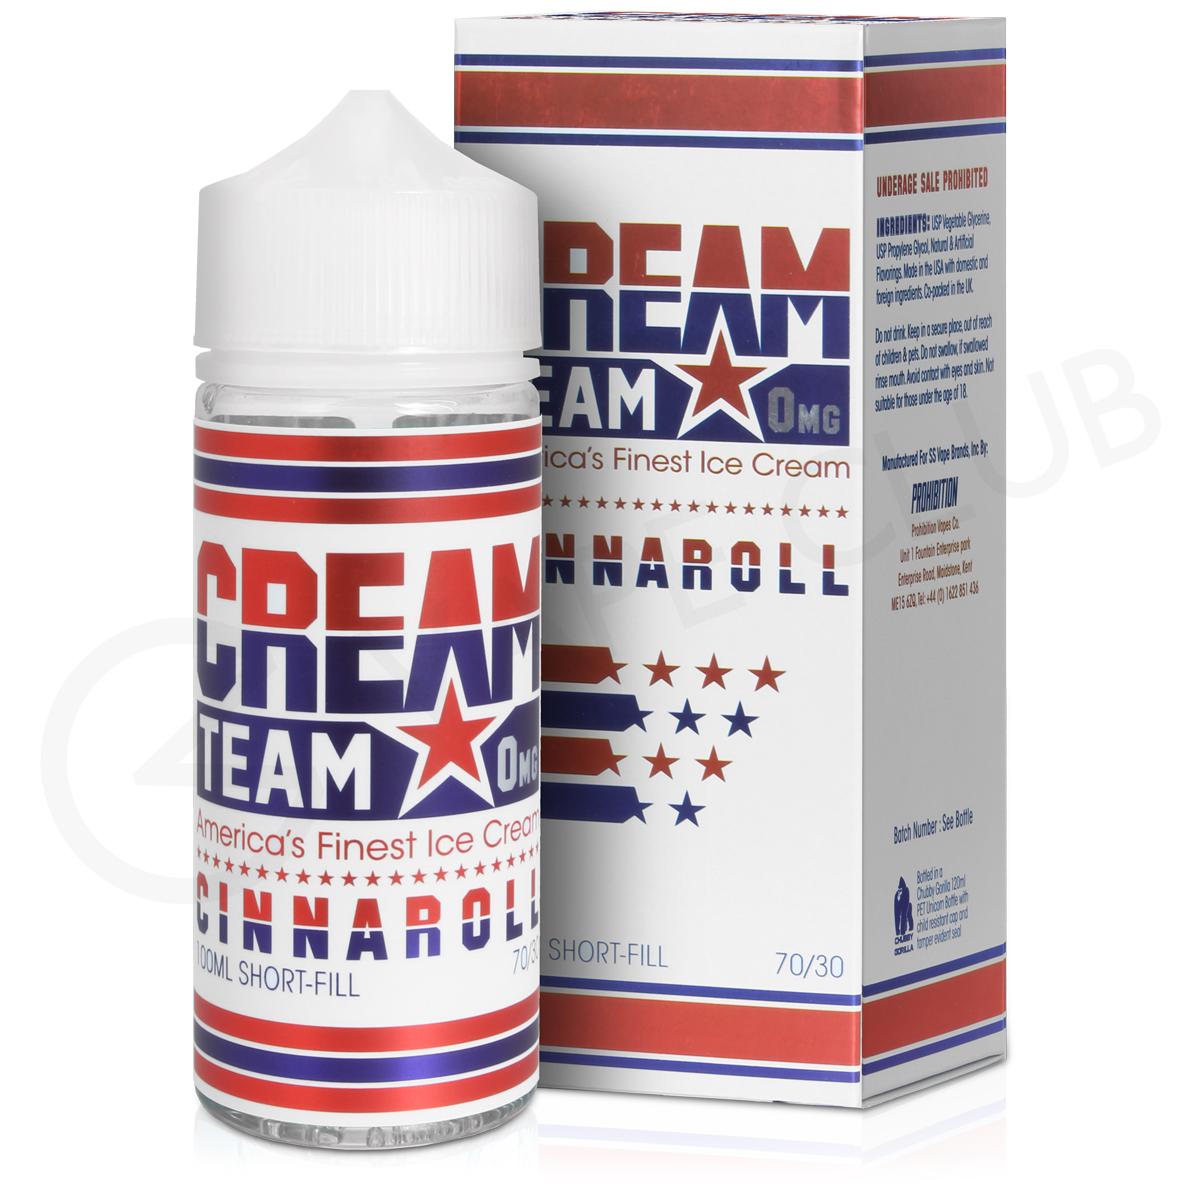 Cinnaroll E-Liquid by Cream Team 100ml